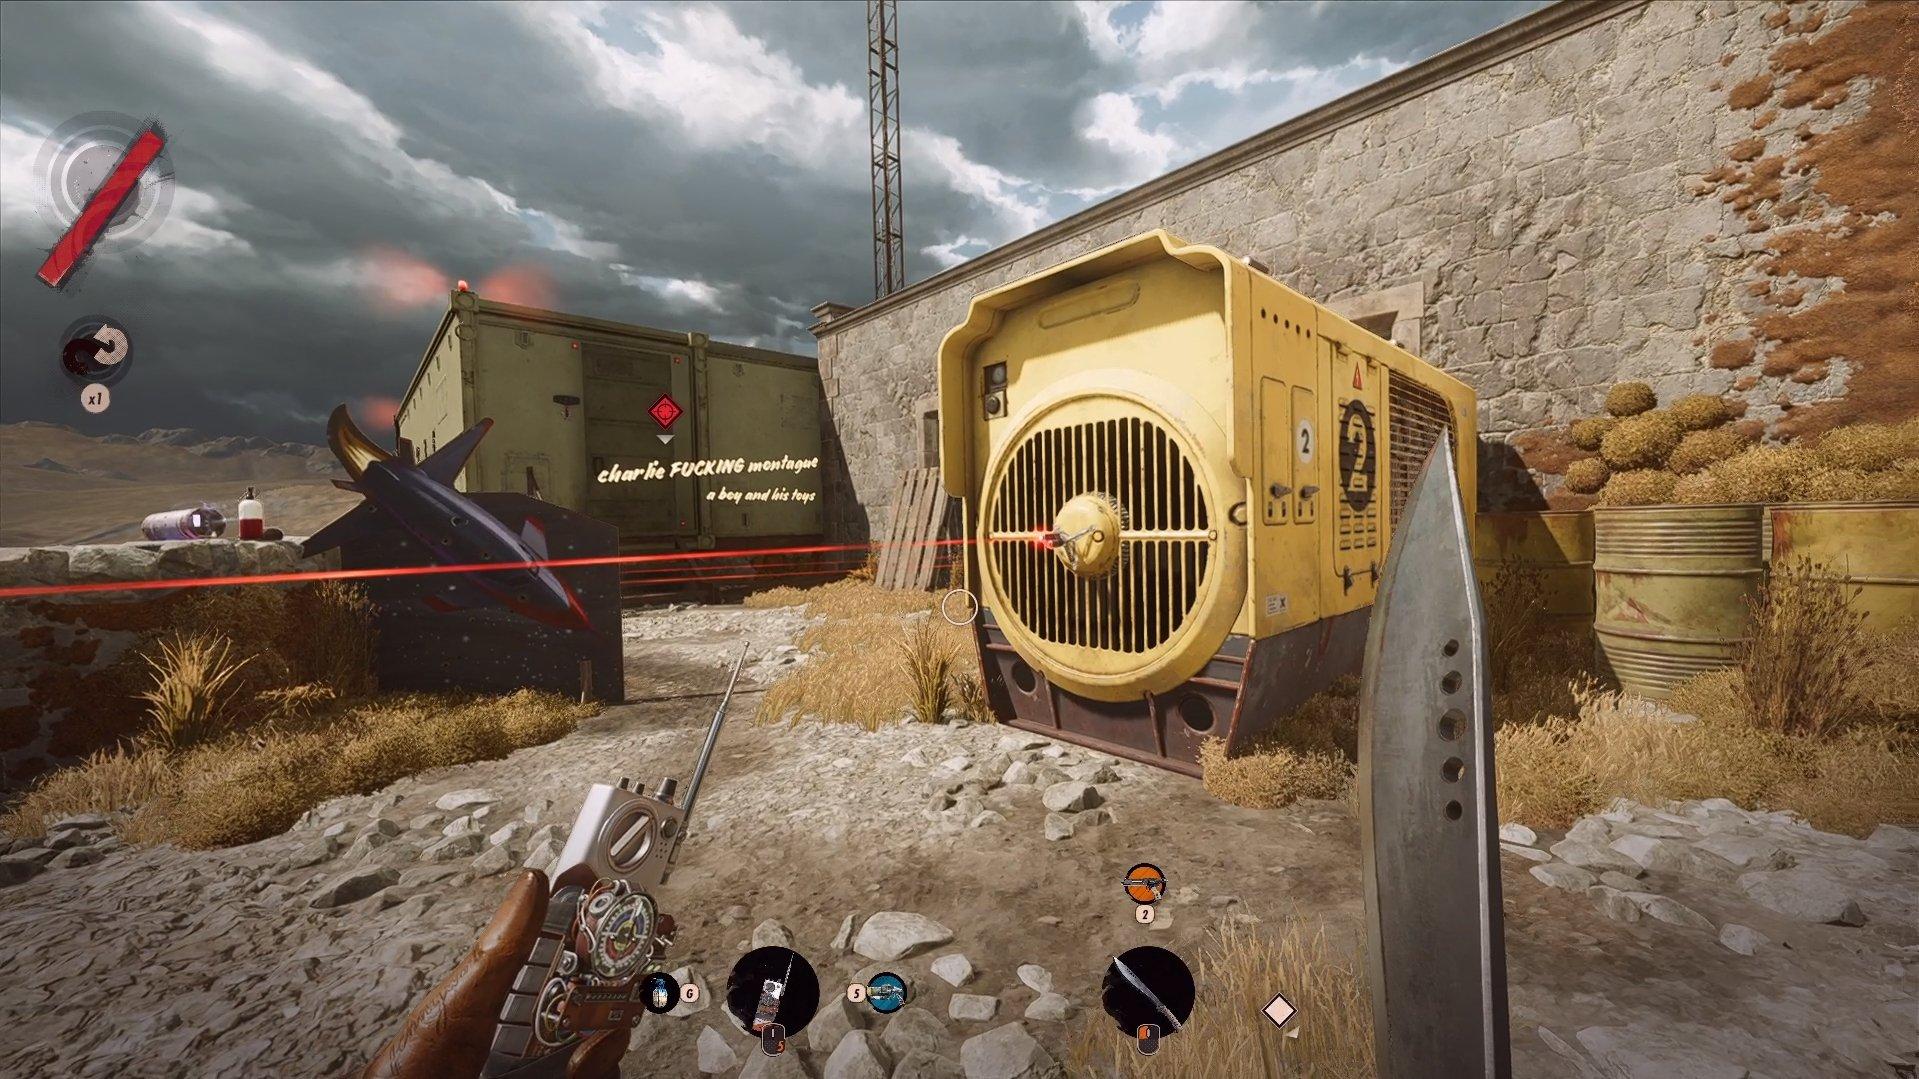 Deathloop - Where is Charlie Screenshot